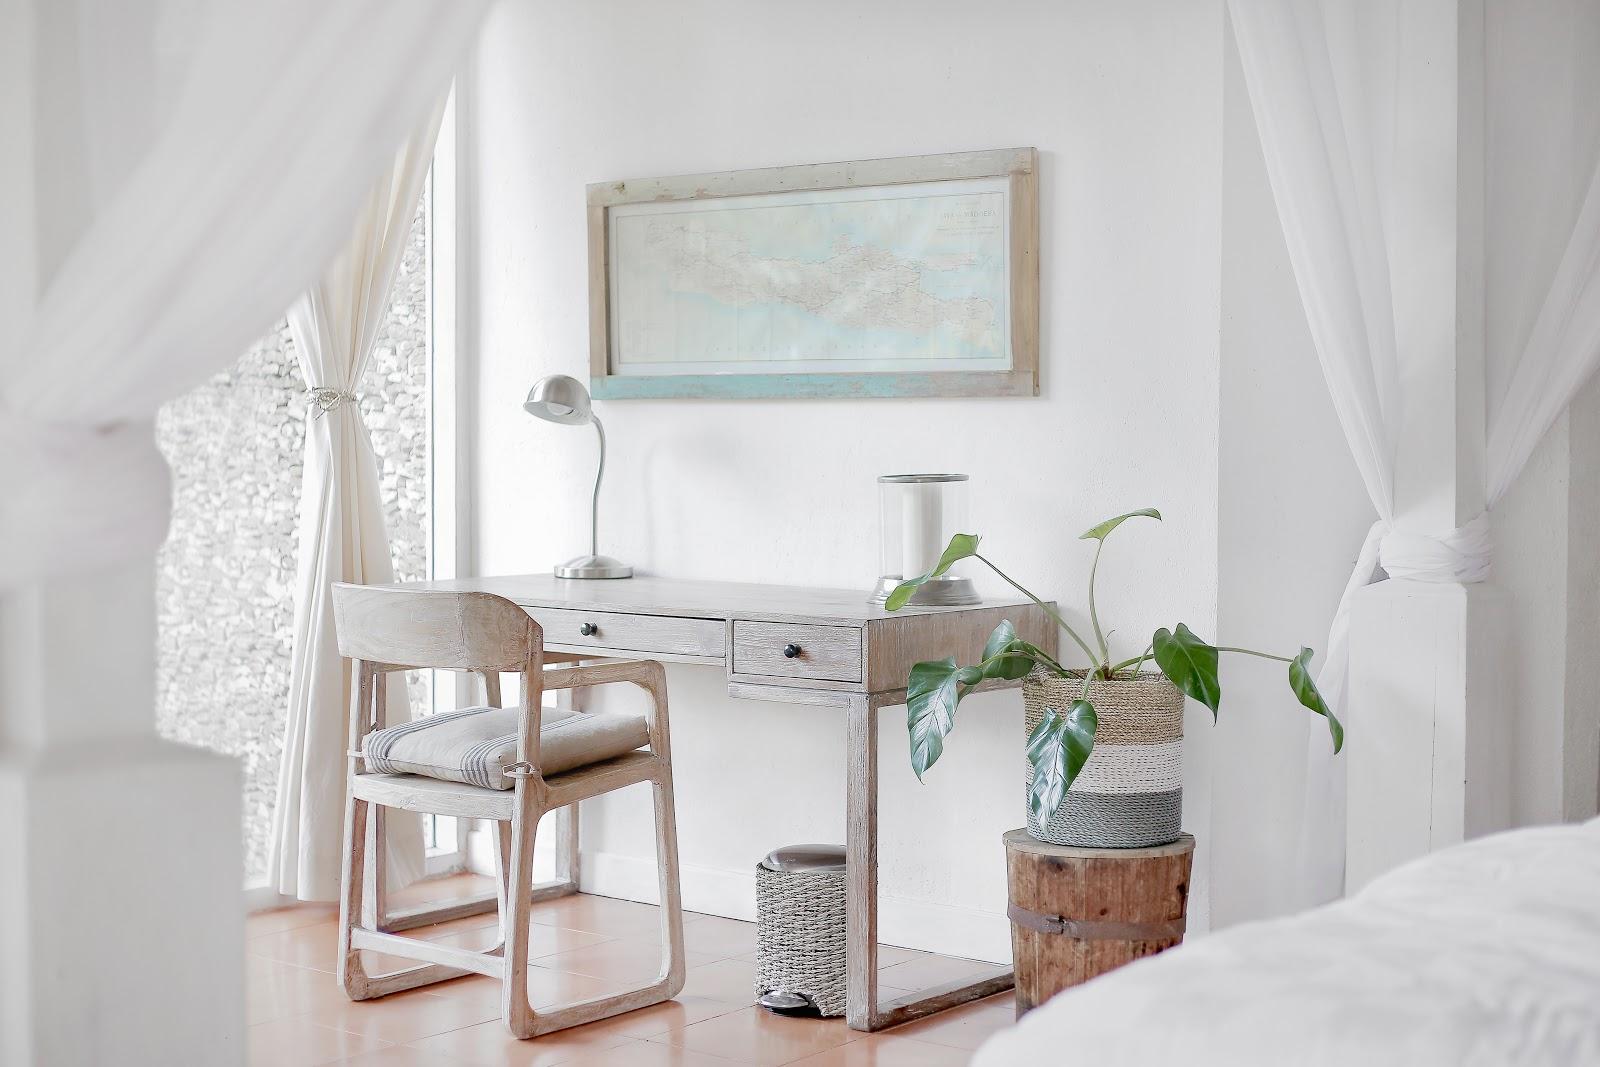 Desain minimalis memberikan kesan ruangan lebih luas - source: unsplash.com